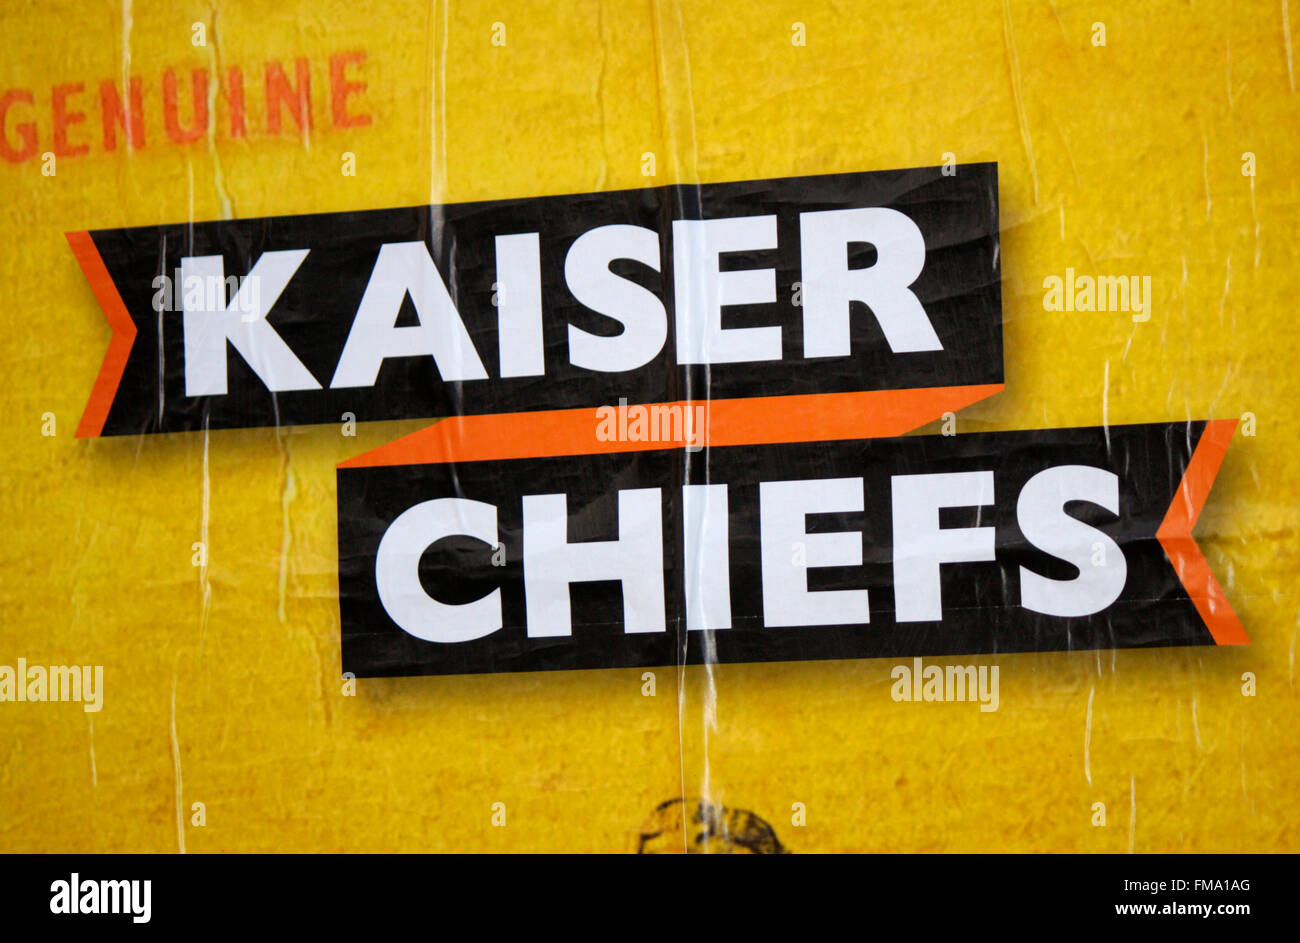 Logo der Band 'Kaiser Chiefs', Berlin. - Stock Image